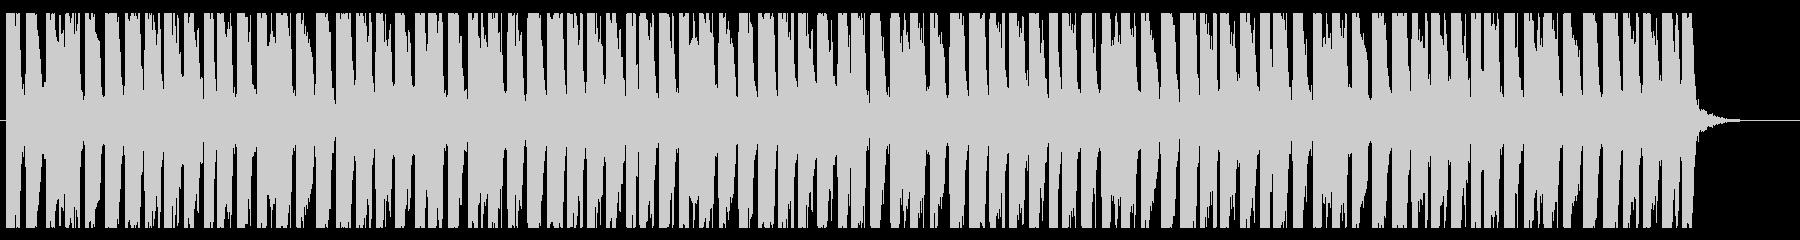 明るいピアノラウンジ_No406_4の未再生の波形